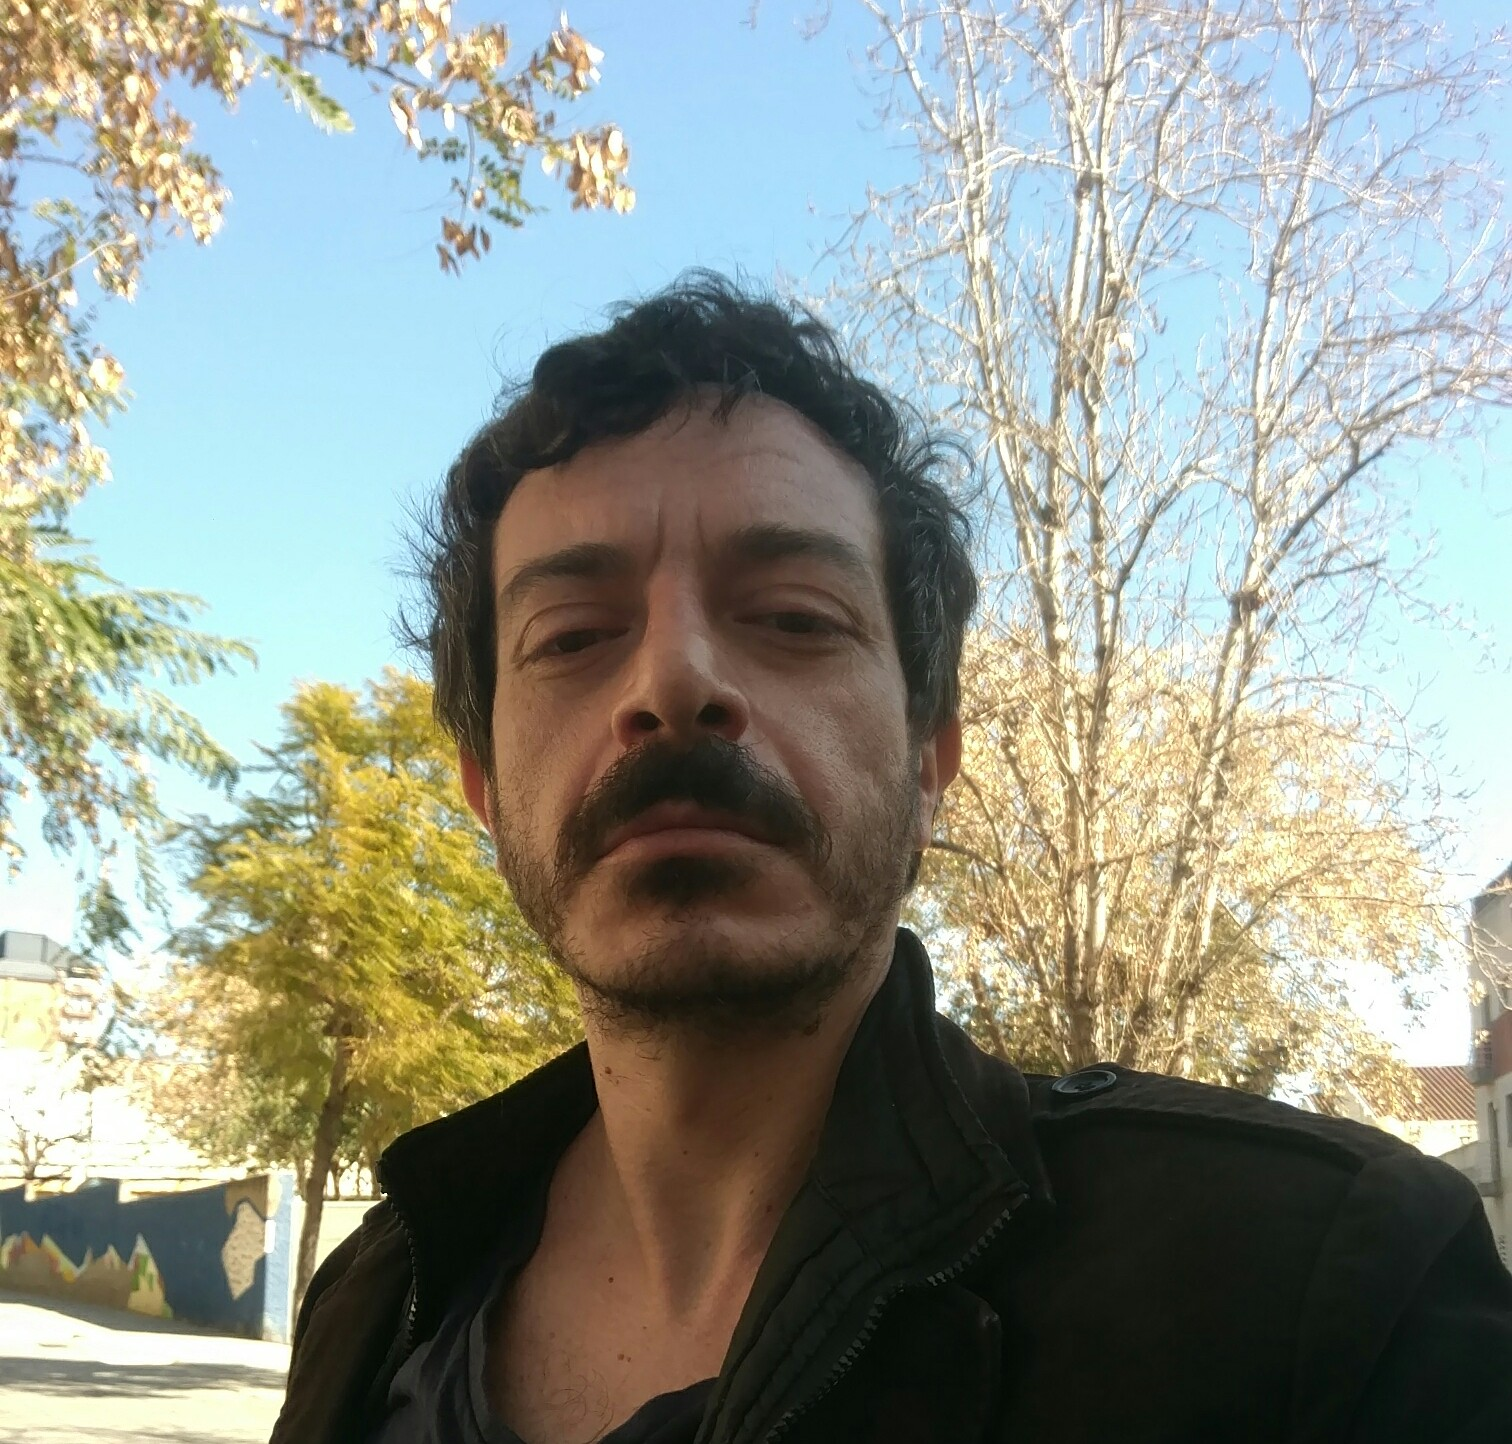 Diego Acampora